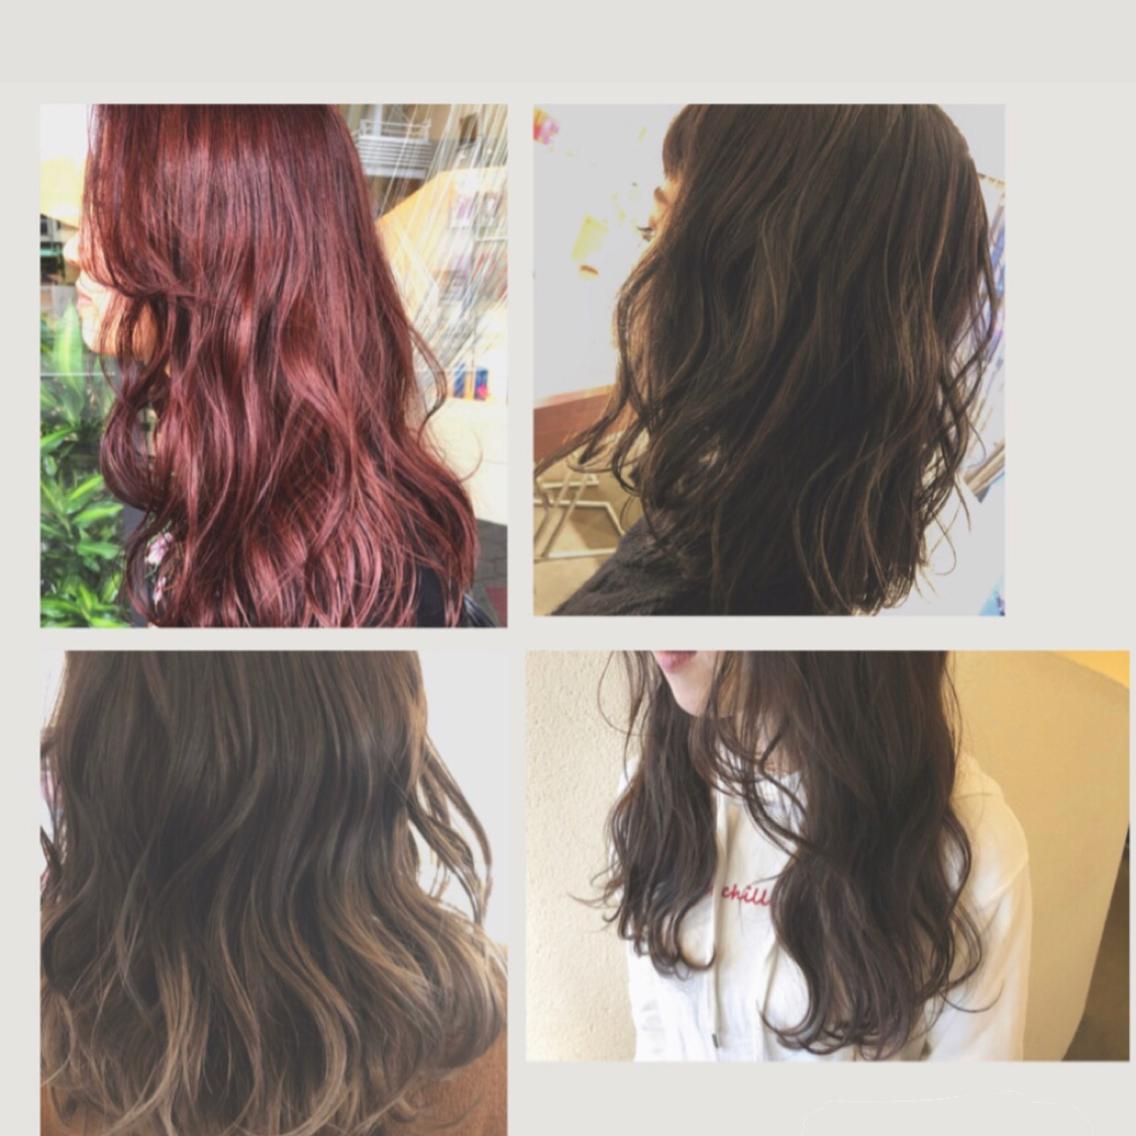 当日予約OK👌土日は+1000円👑特許を取得したRカラー取り扱いしております。カラーをしながら髪の毛強度をあげダメージさせない髪を作る特殊な処方です!!